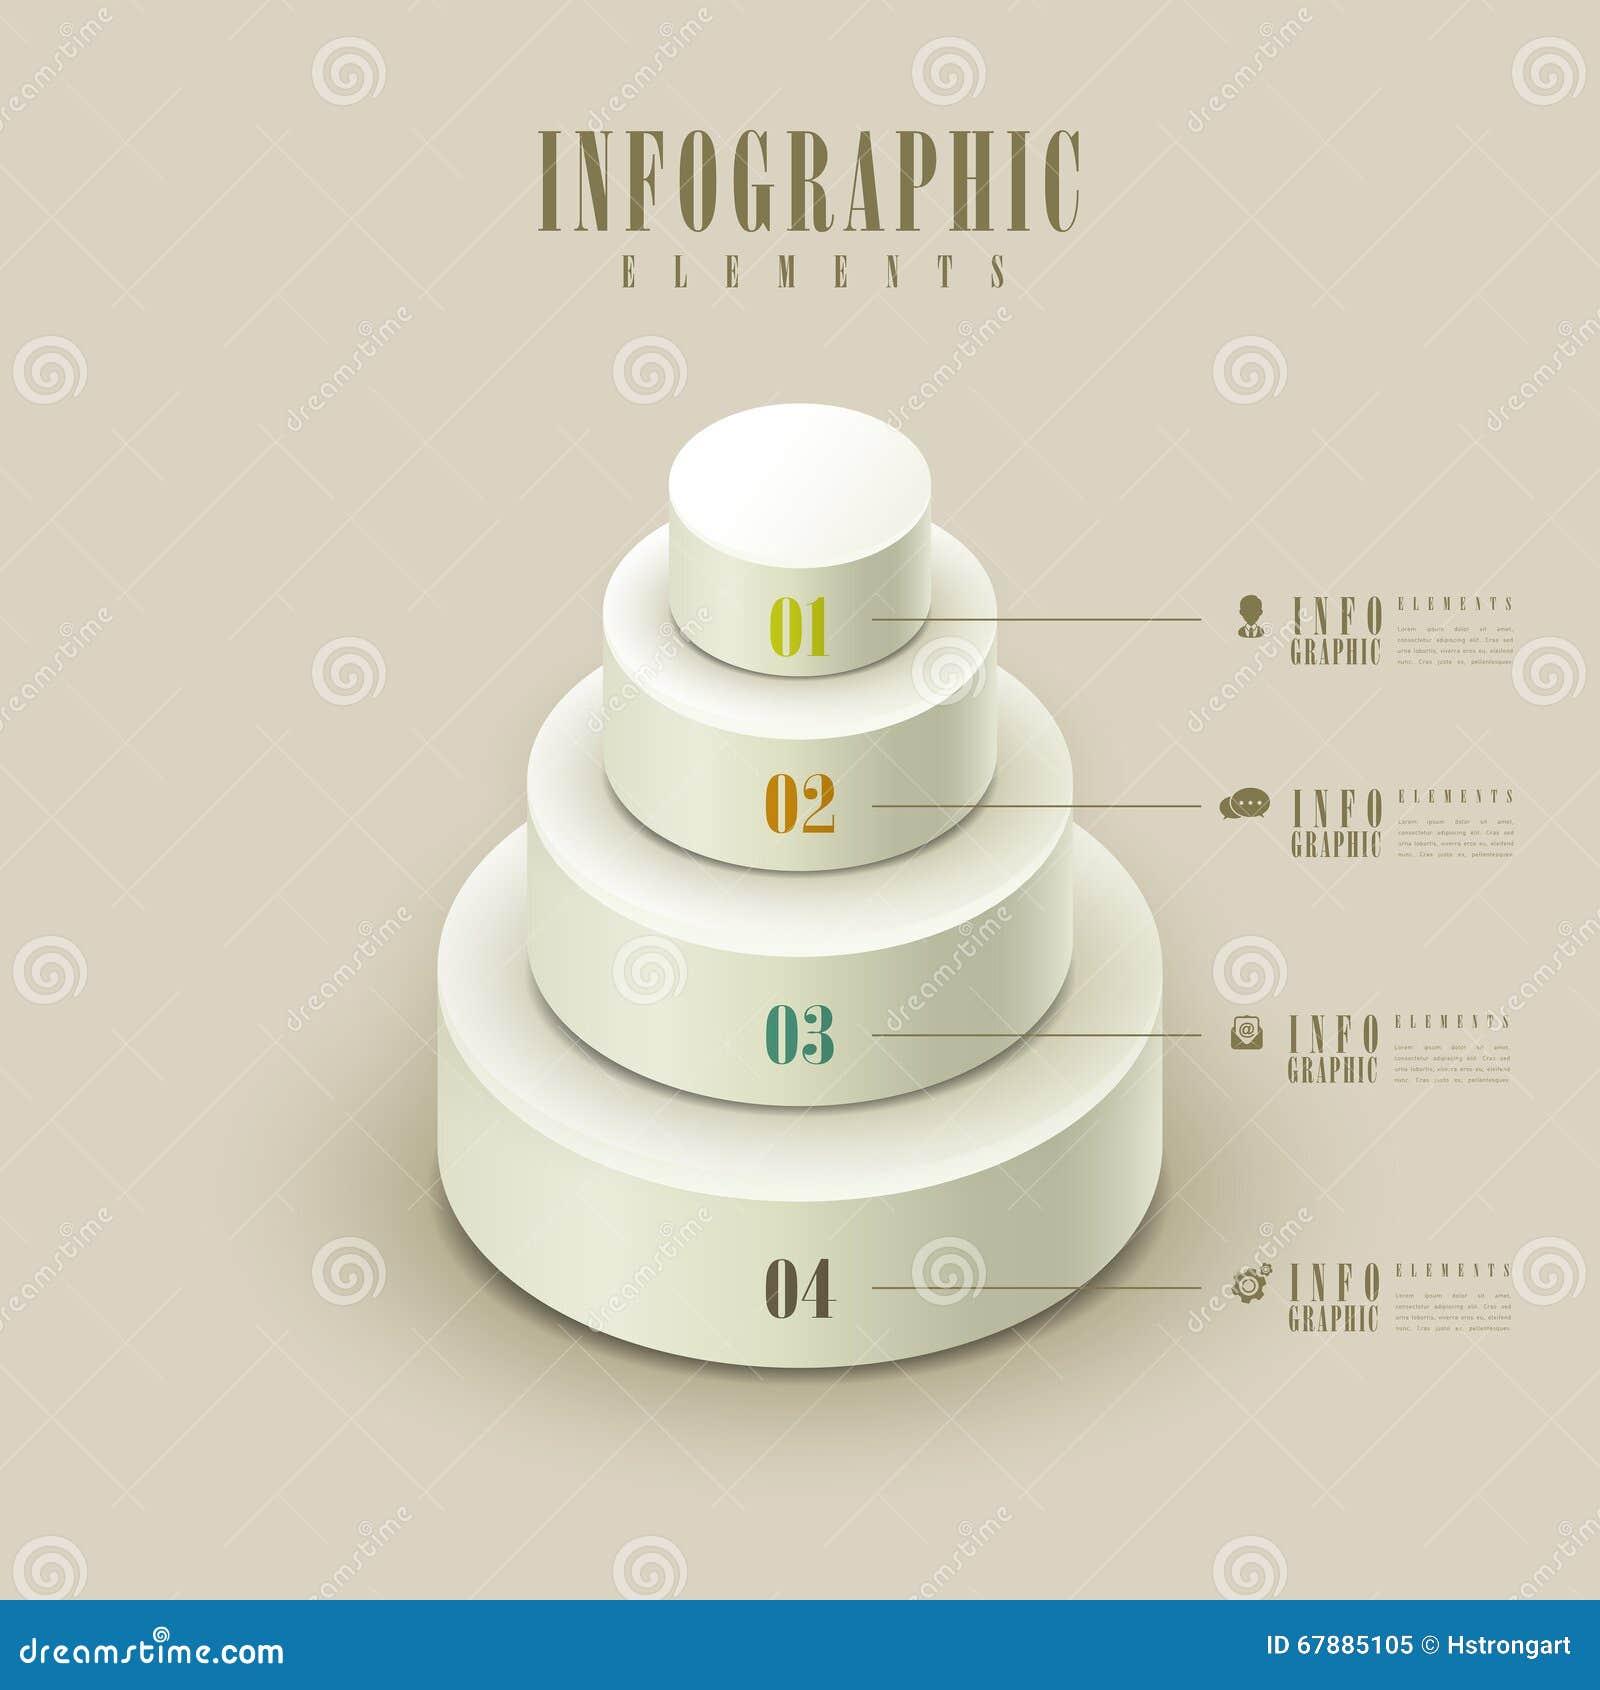 典雅的infographic模板